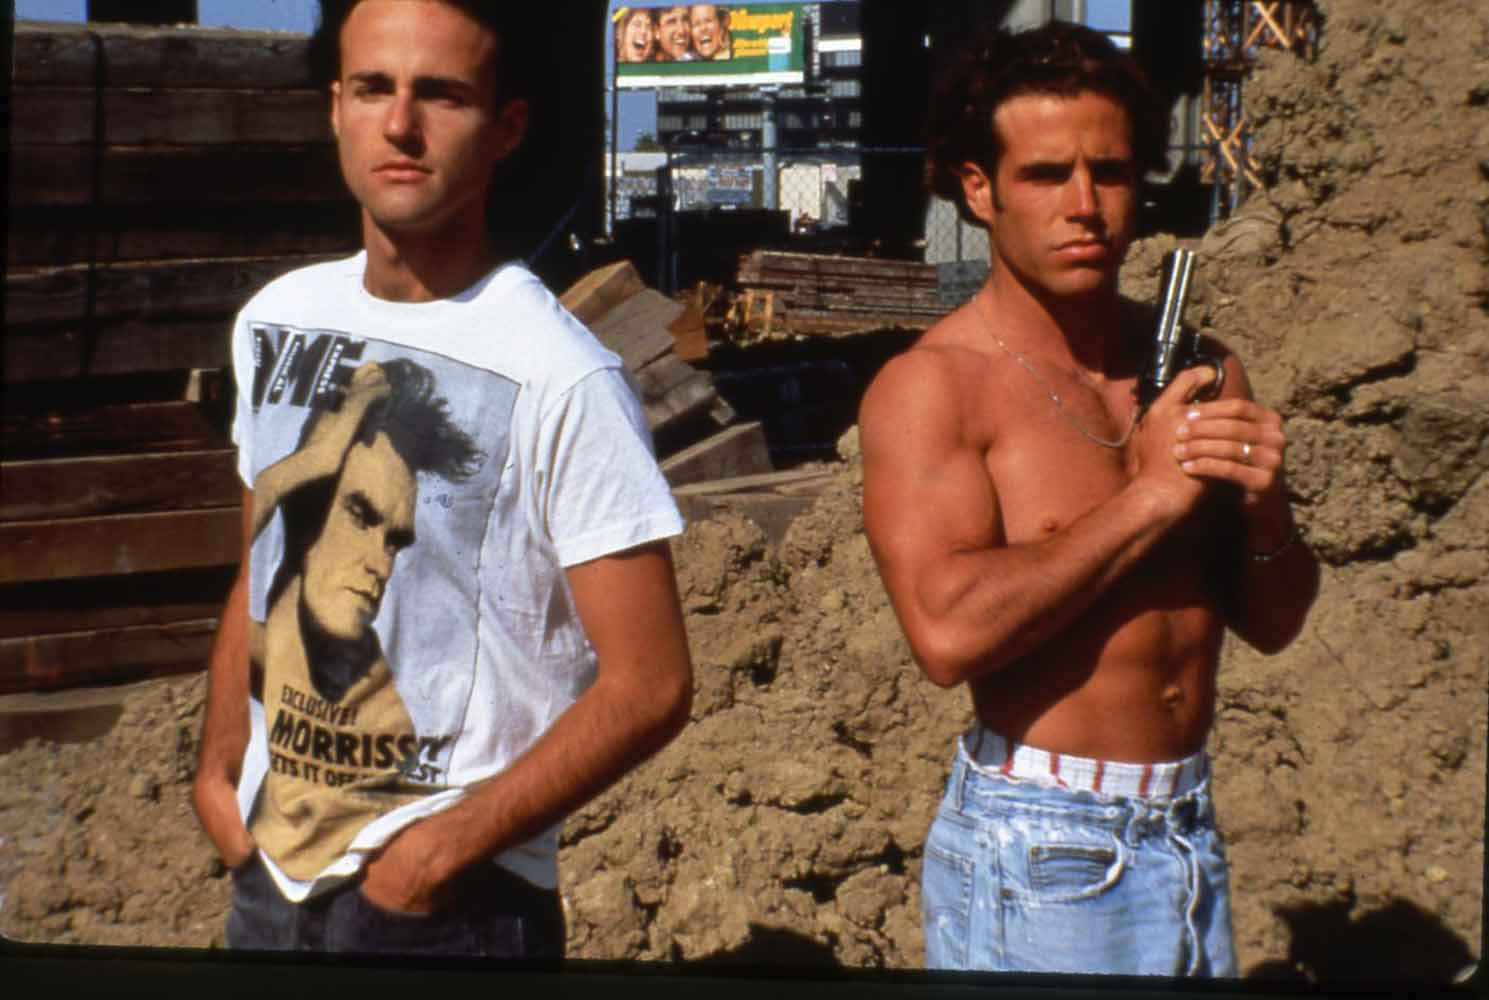 Phim tình yêu đồng giới ở Hollywood ngày ấy - bây giờ: Cầu vồng đã đổi sắc? - Ảnh 7.